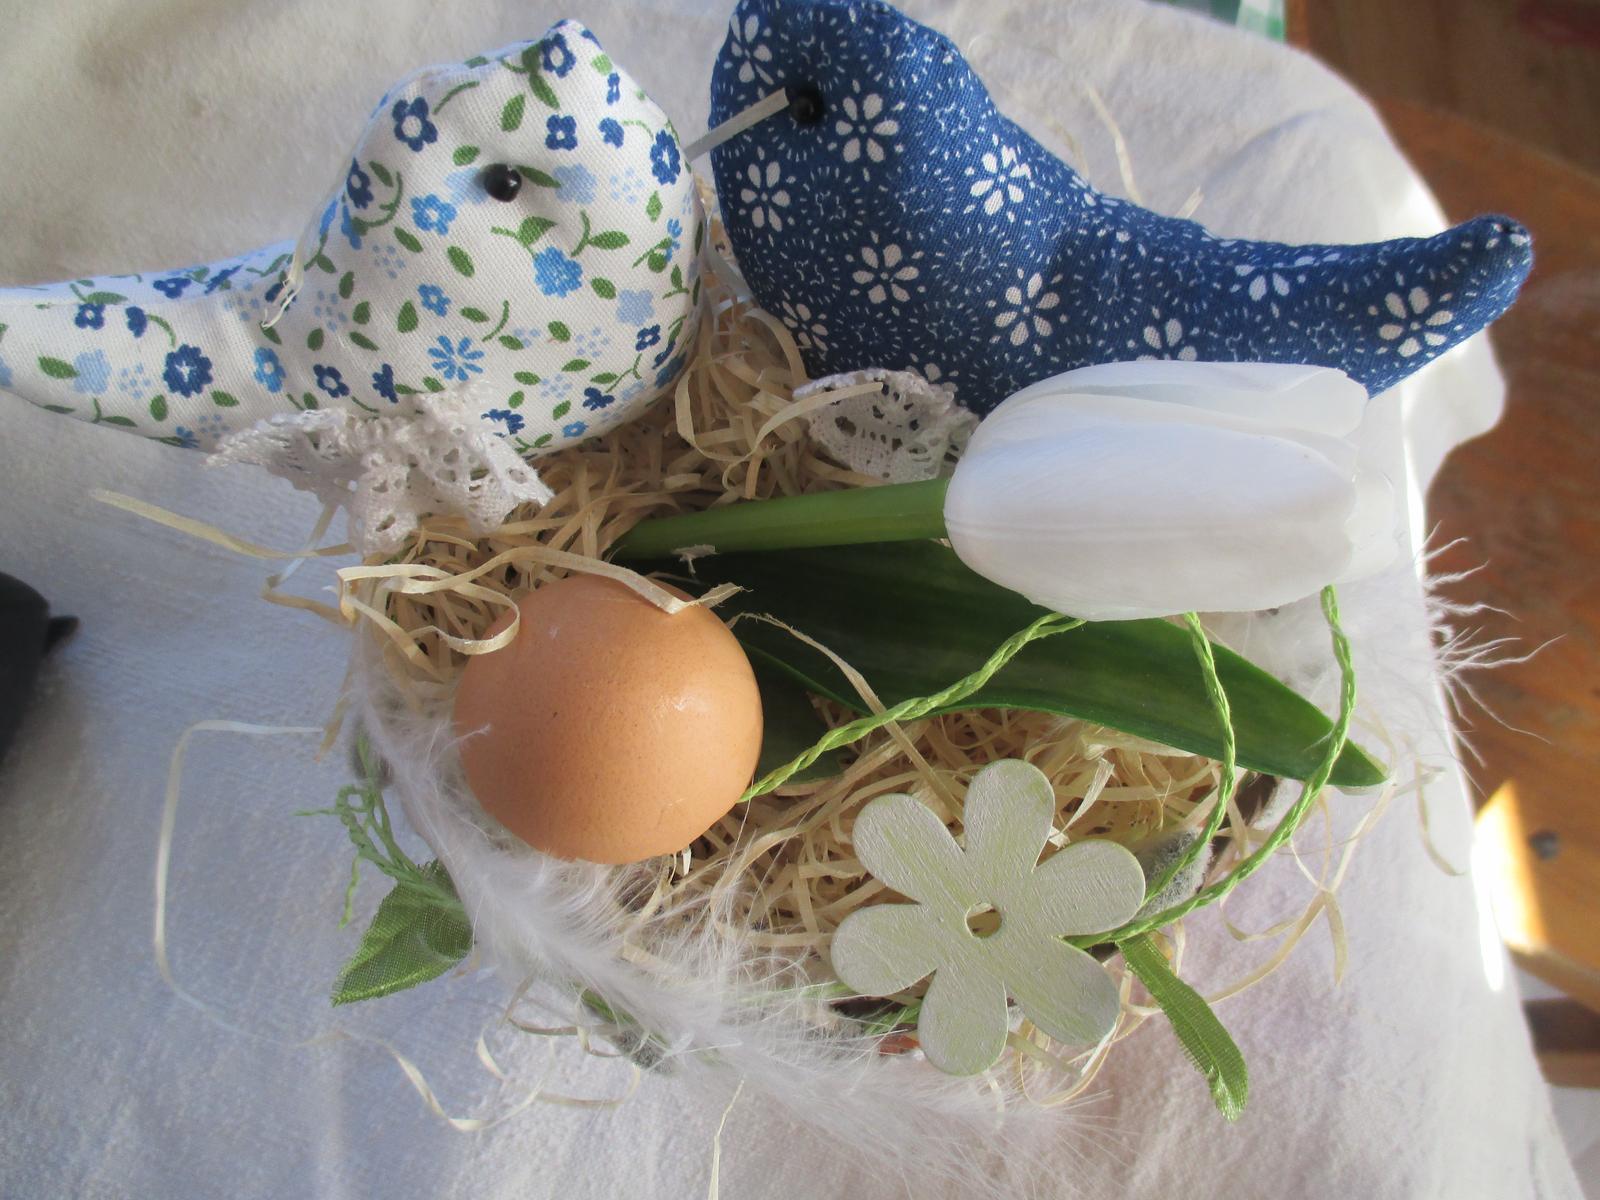 Moje vidiecke výrobky - blíži sa jar, tak dnes som takto takmer až veľkonočnú dekoráciu vyčarila